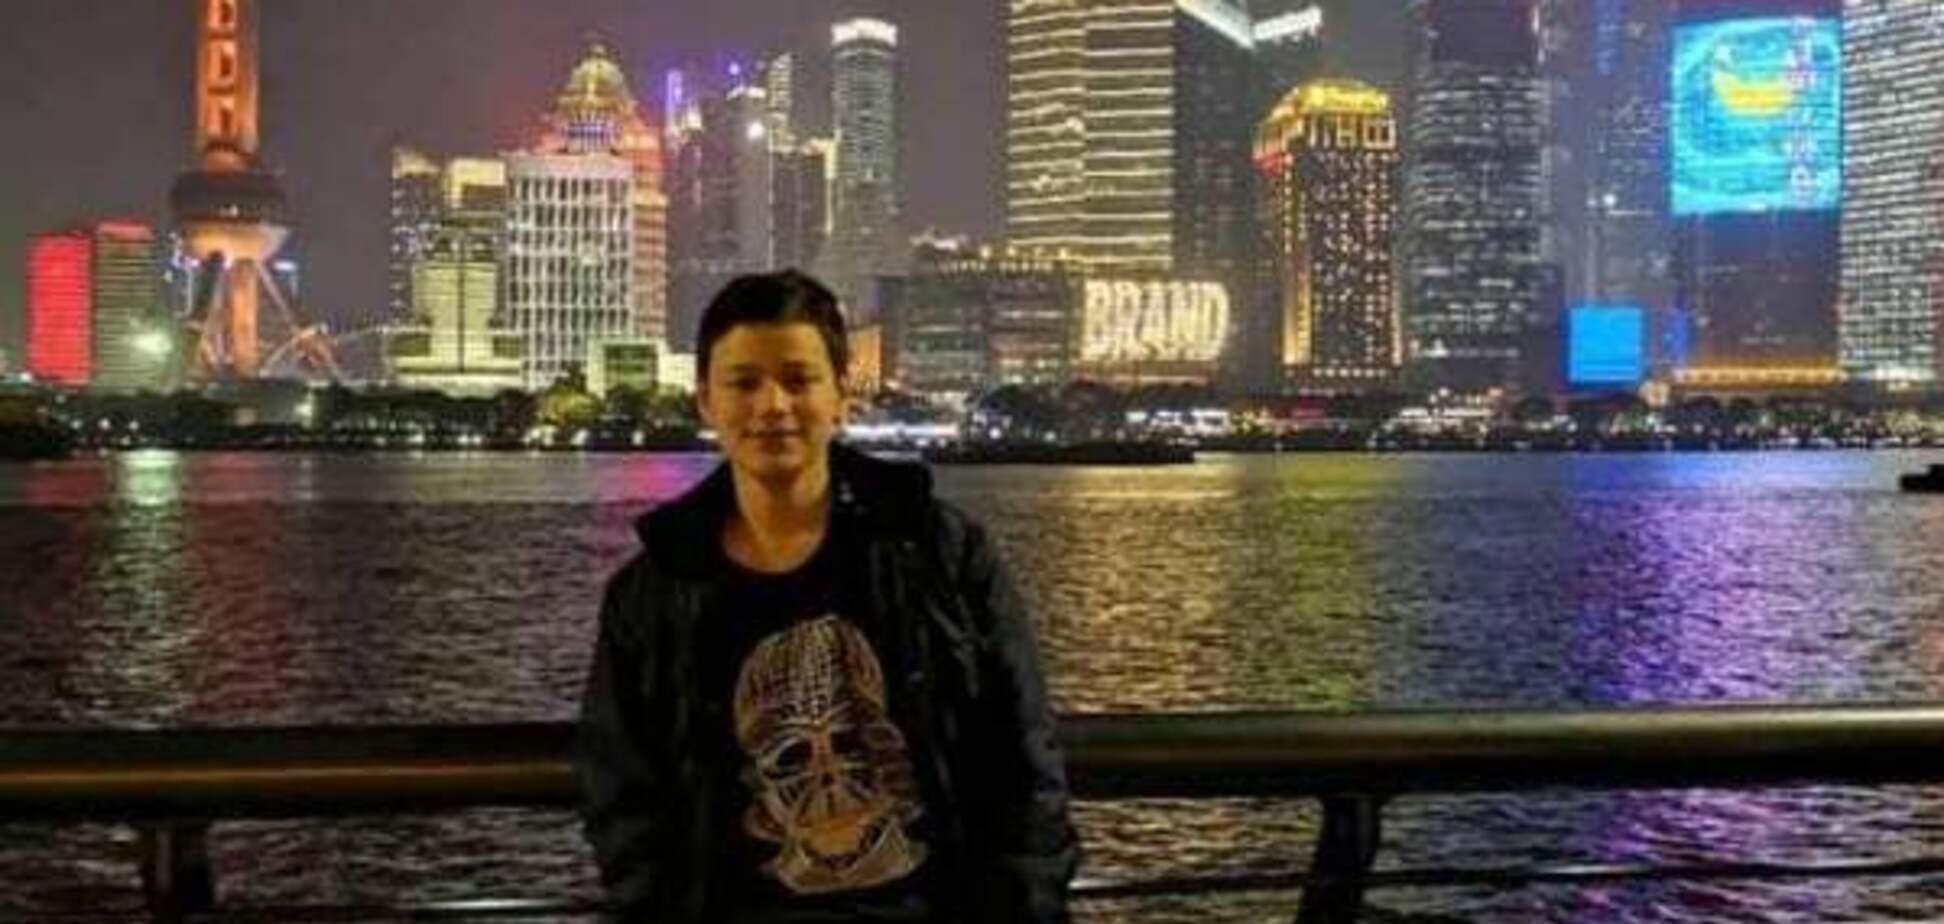 Прививал мужество? 13-летнего украинца в Китае мог довести до суицида учитель-тиран